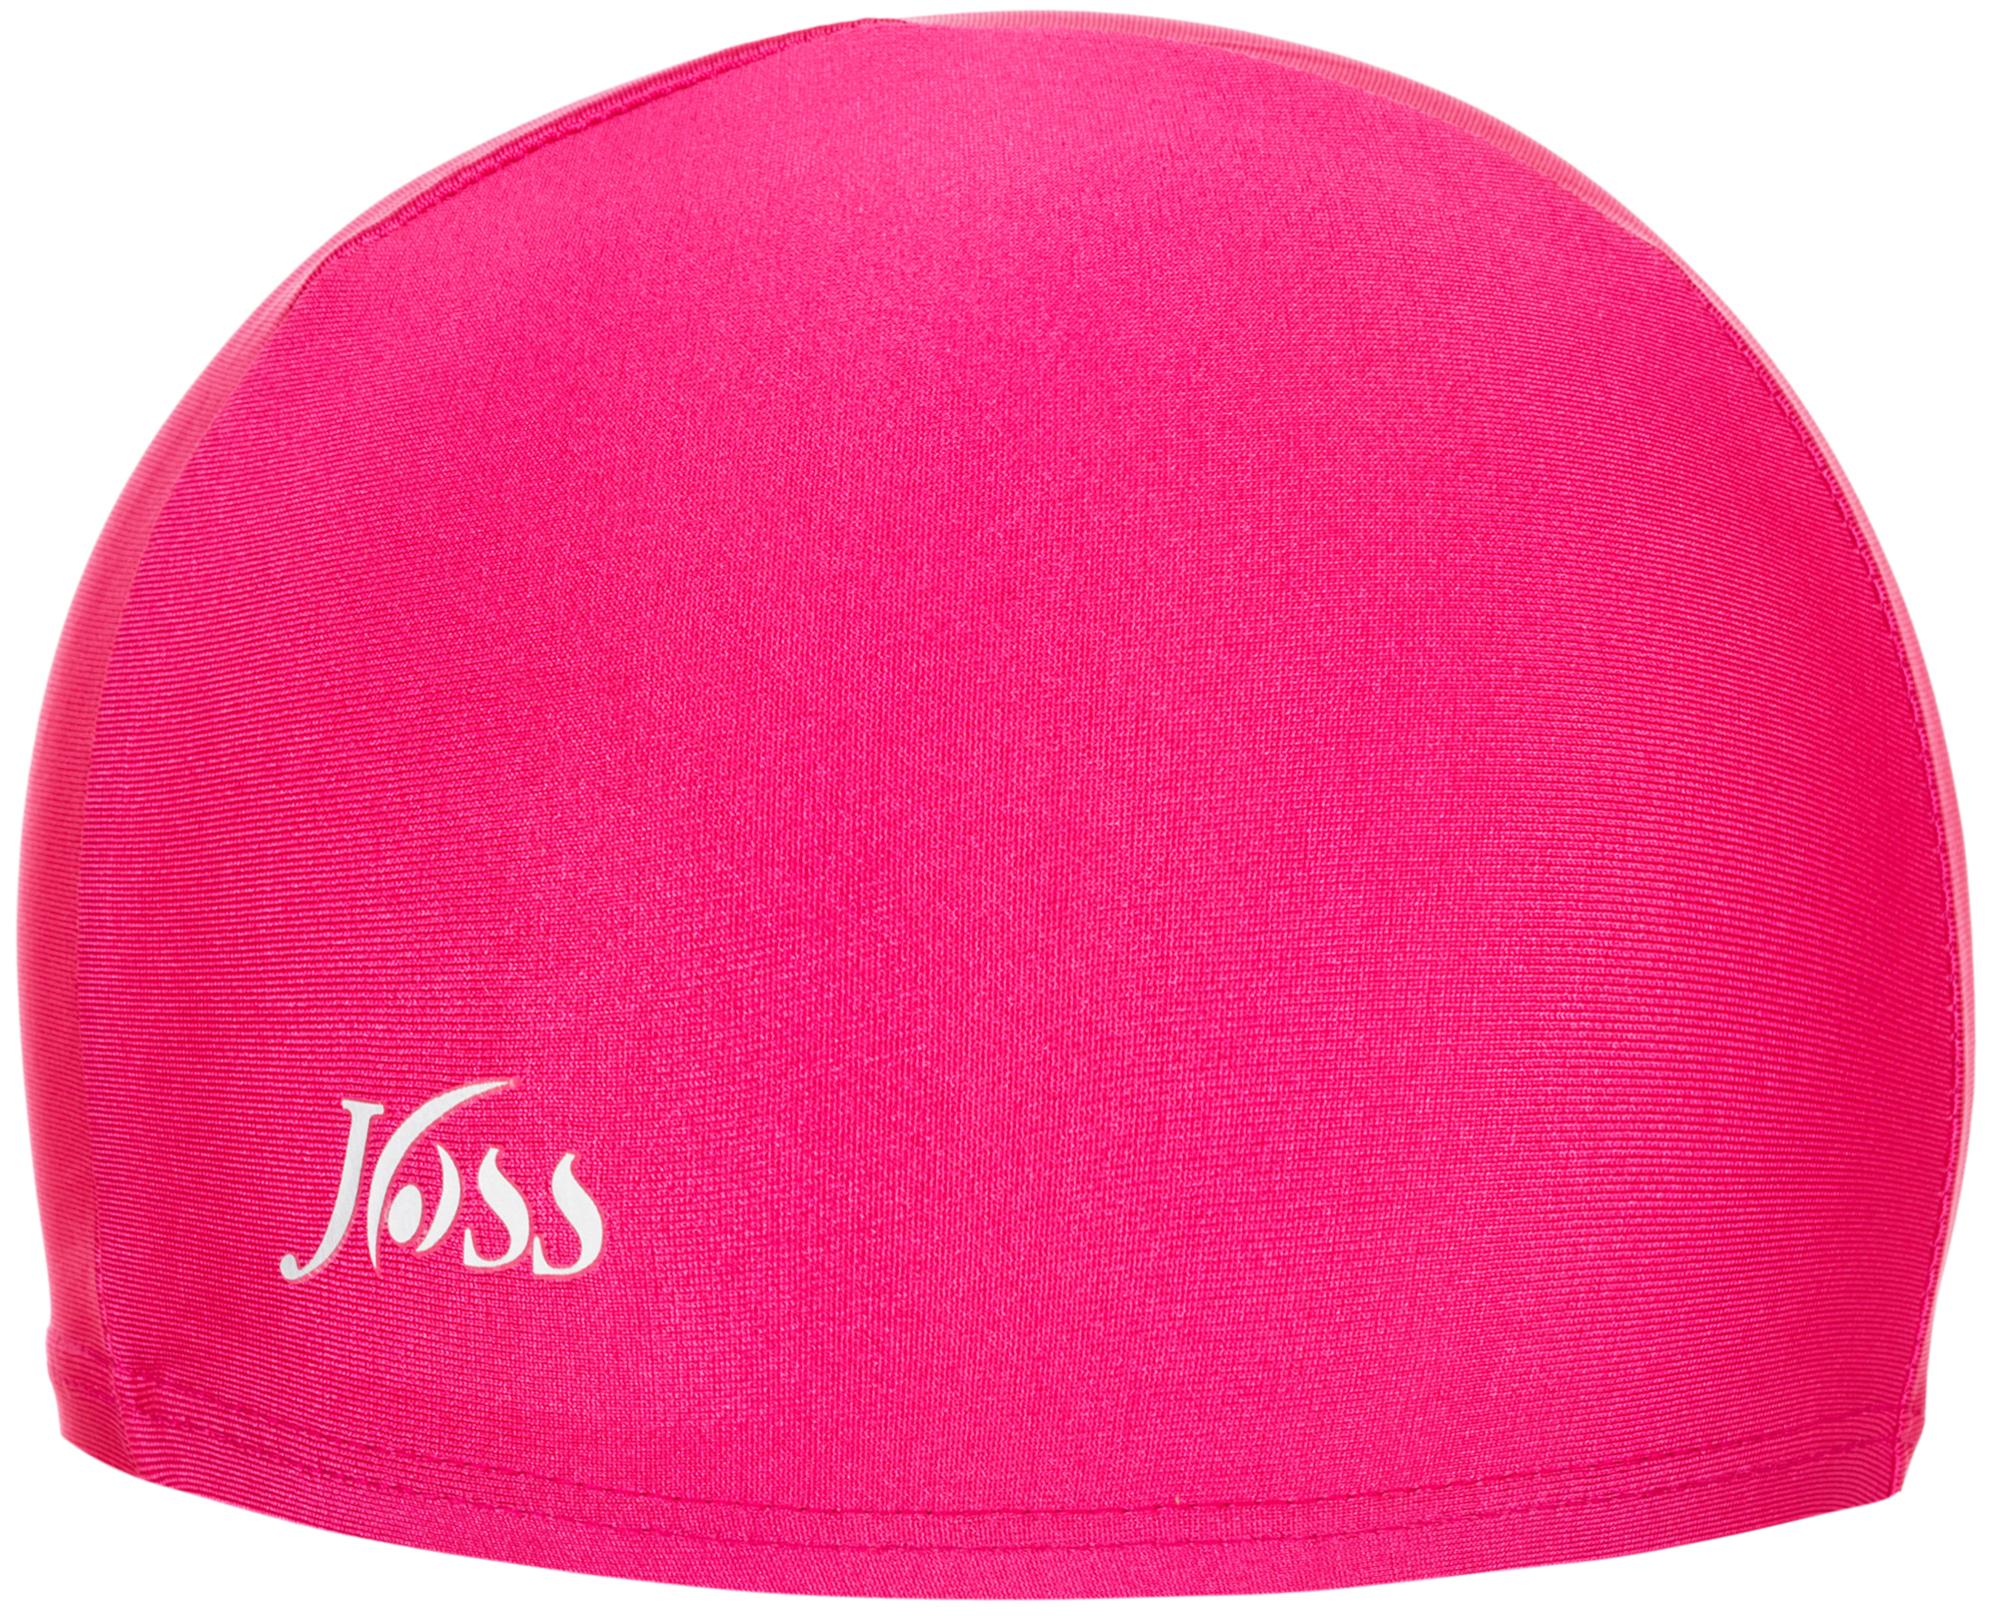 Joss Шапочка для плавания детская Joss